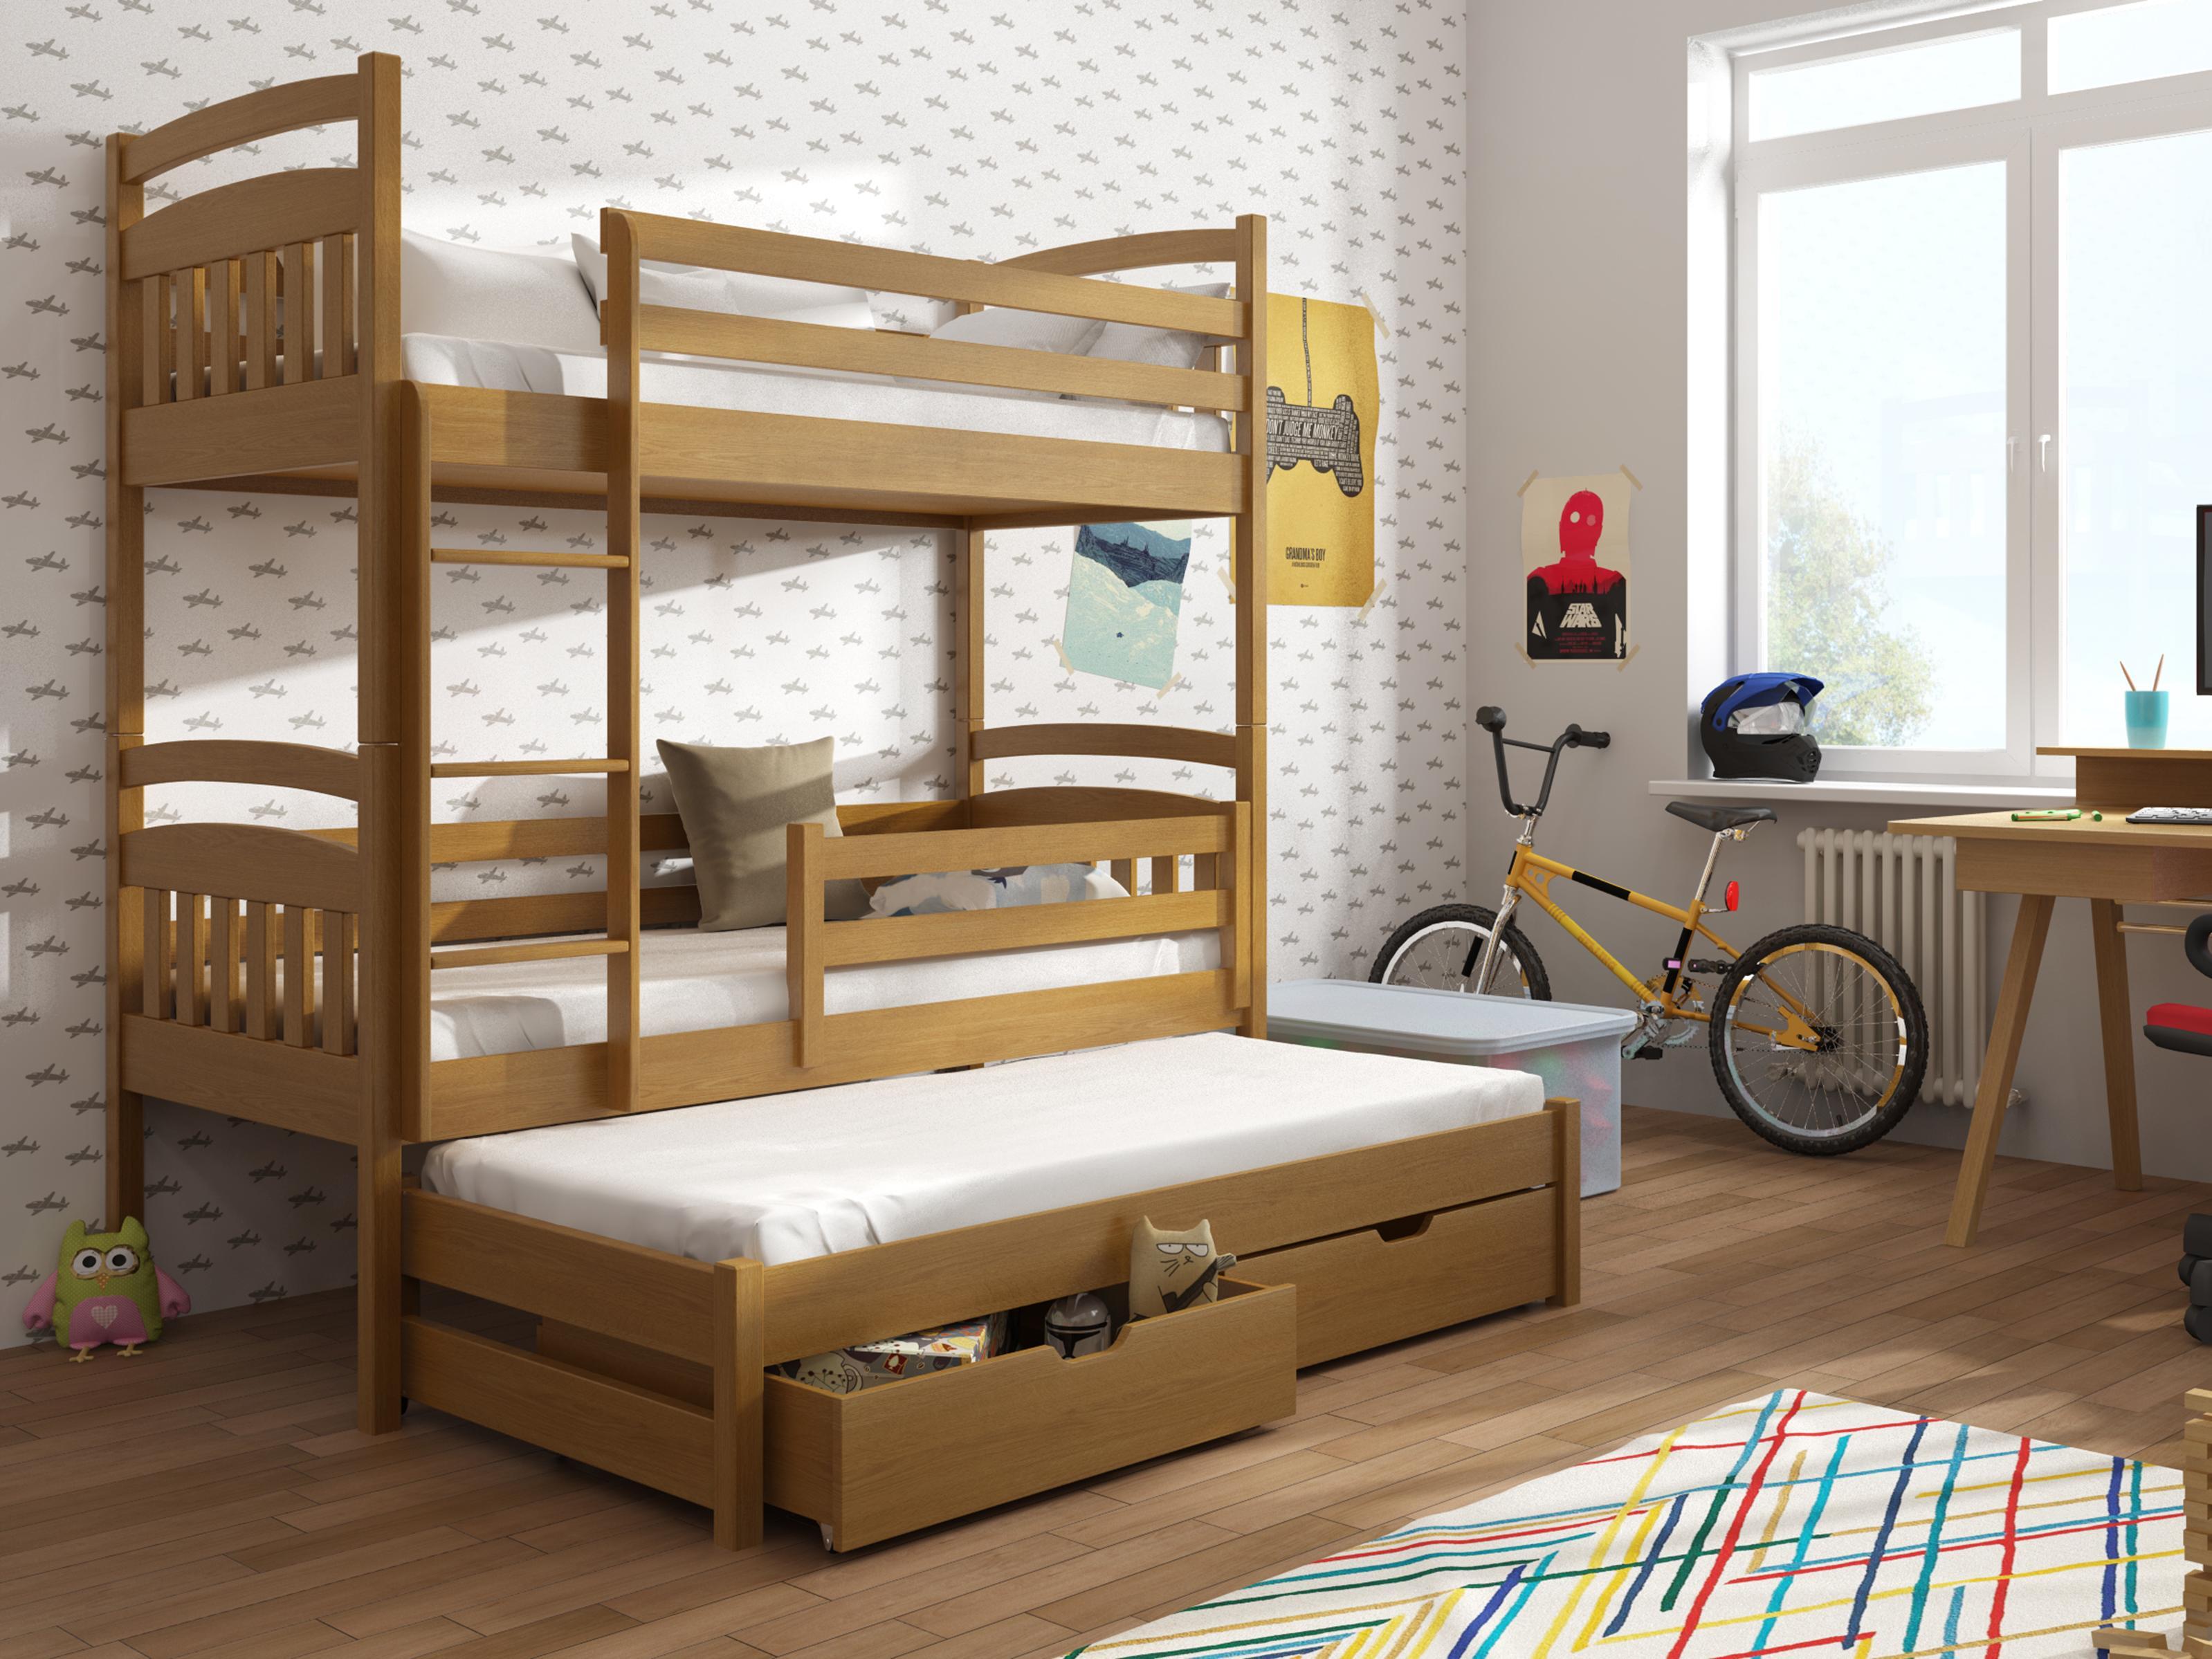 Dětská patrová postel 90 cm - Anie (dub)